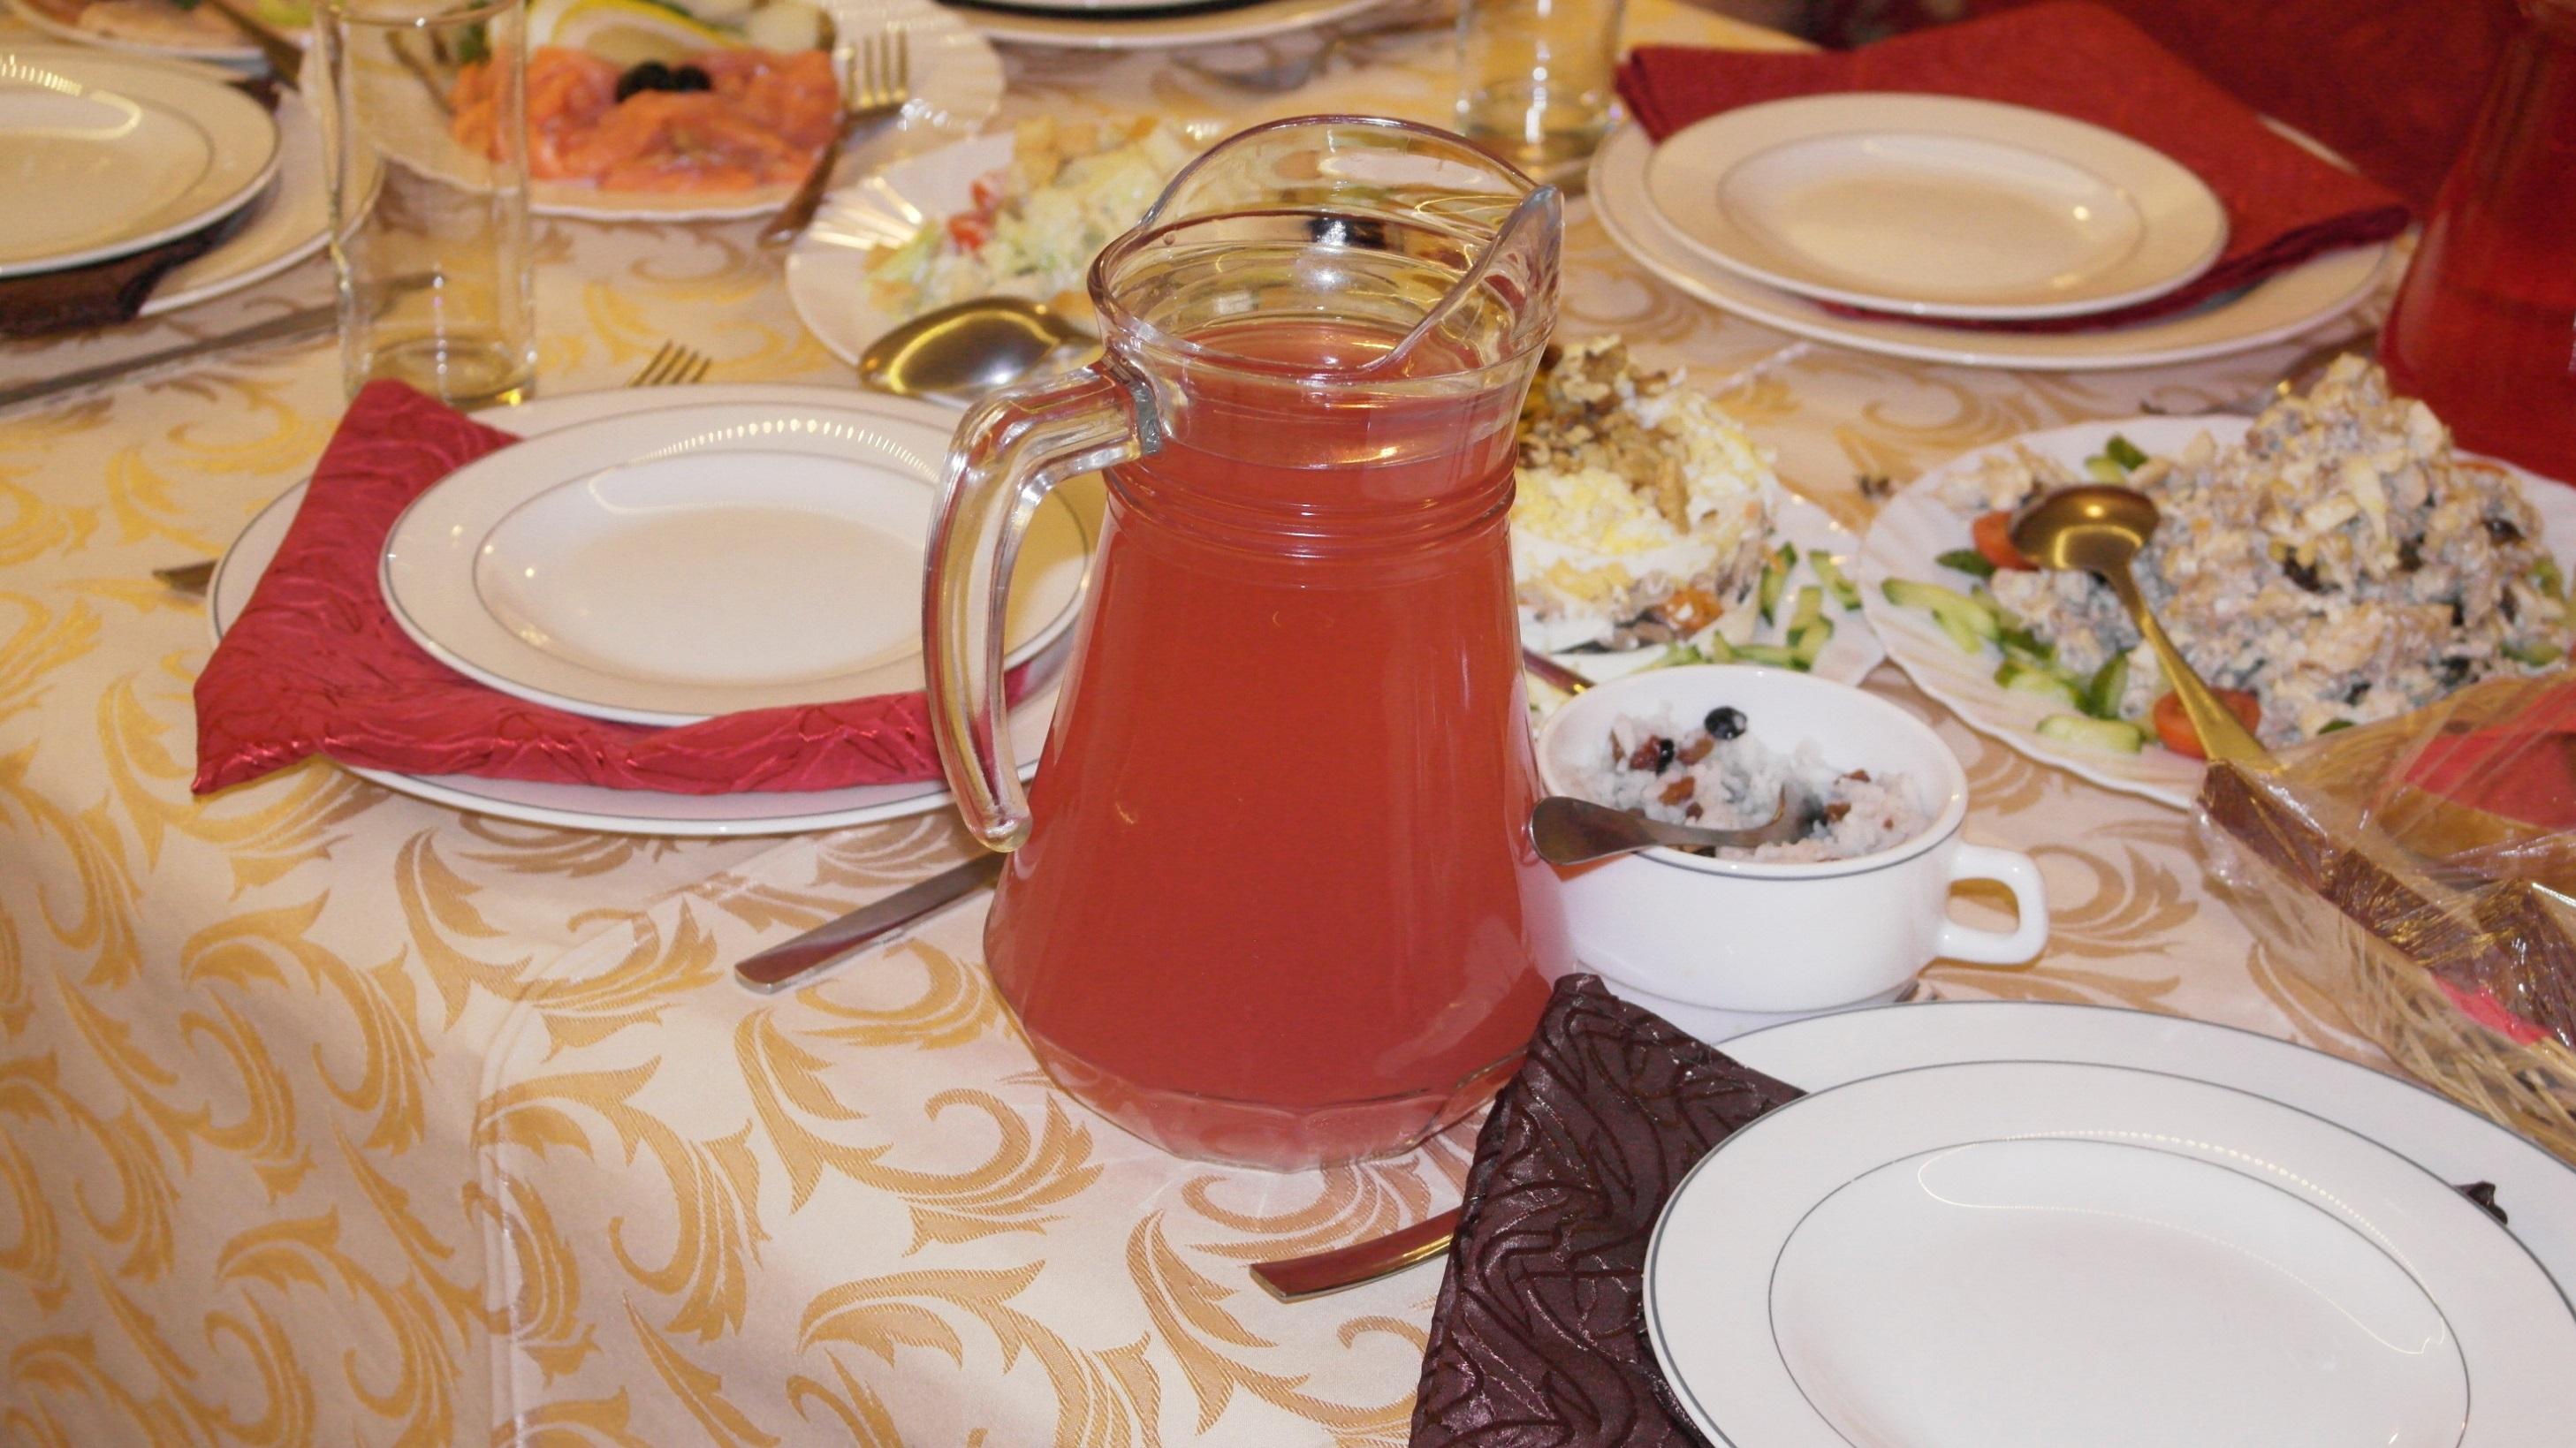 Доставка блюд из сети кафе «Поминальная трапеза»